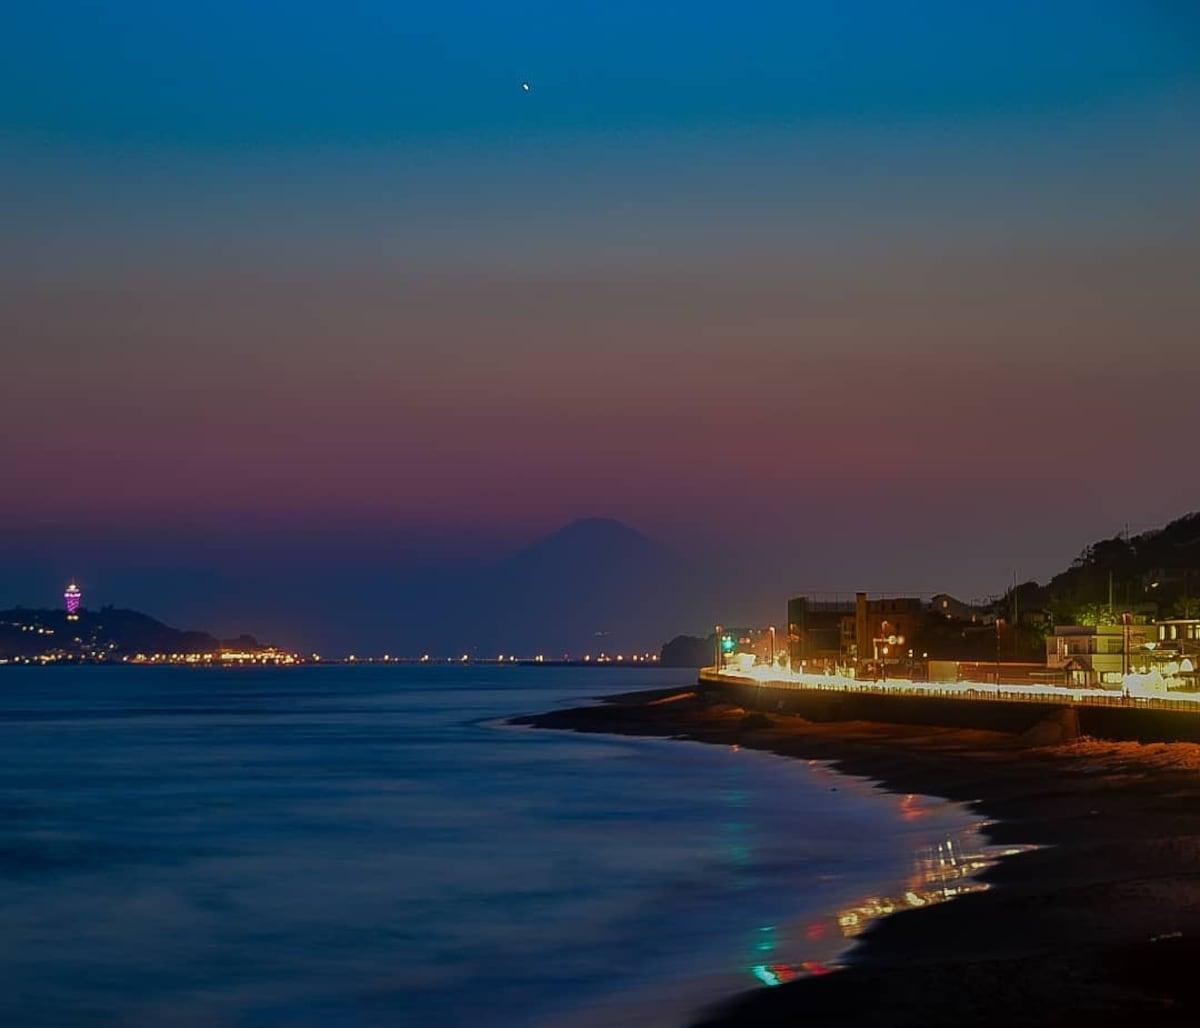 5. 湘南绝景,站在海岸边眺望富士山吧!